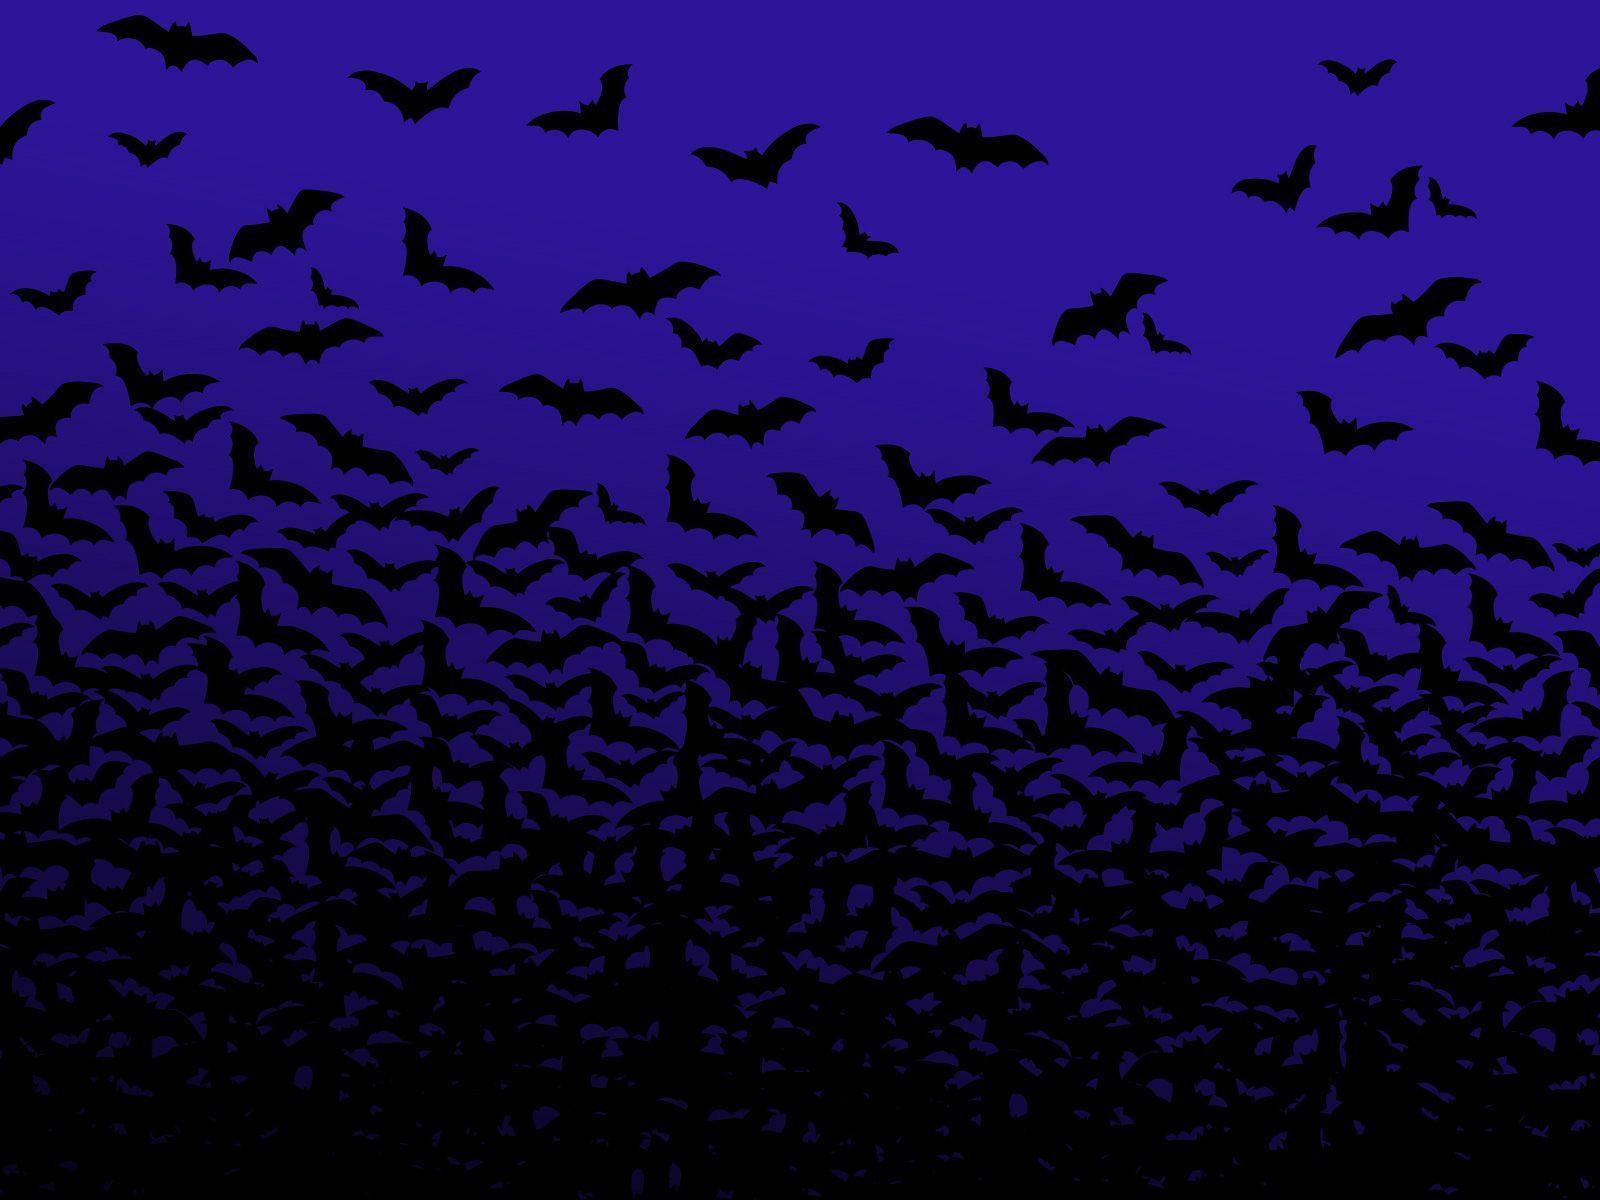 Halloween Bat Wallpapers Top Free Halloween Bat